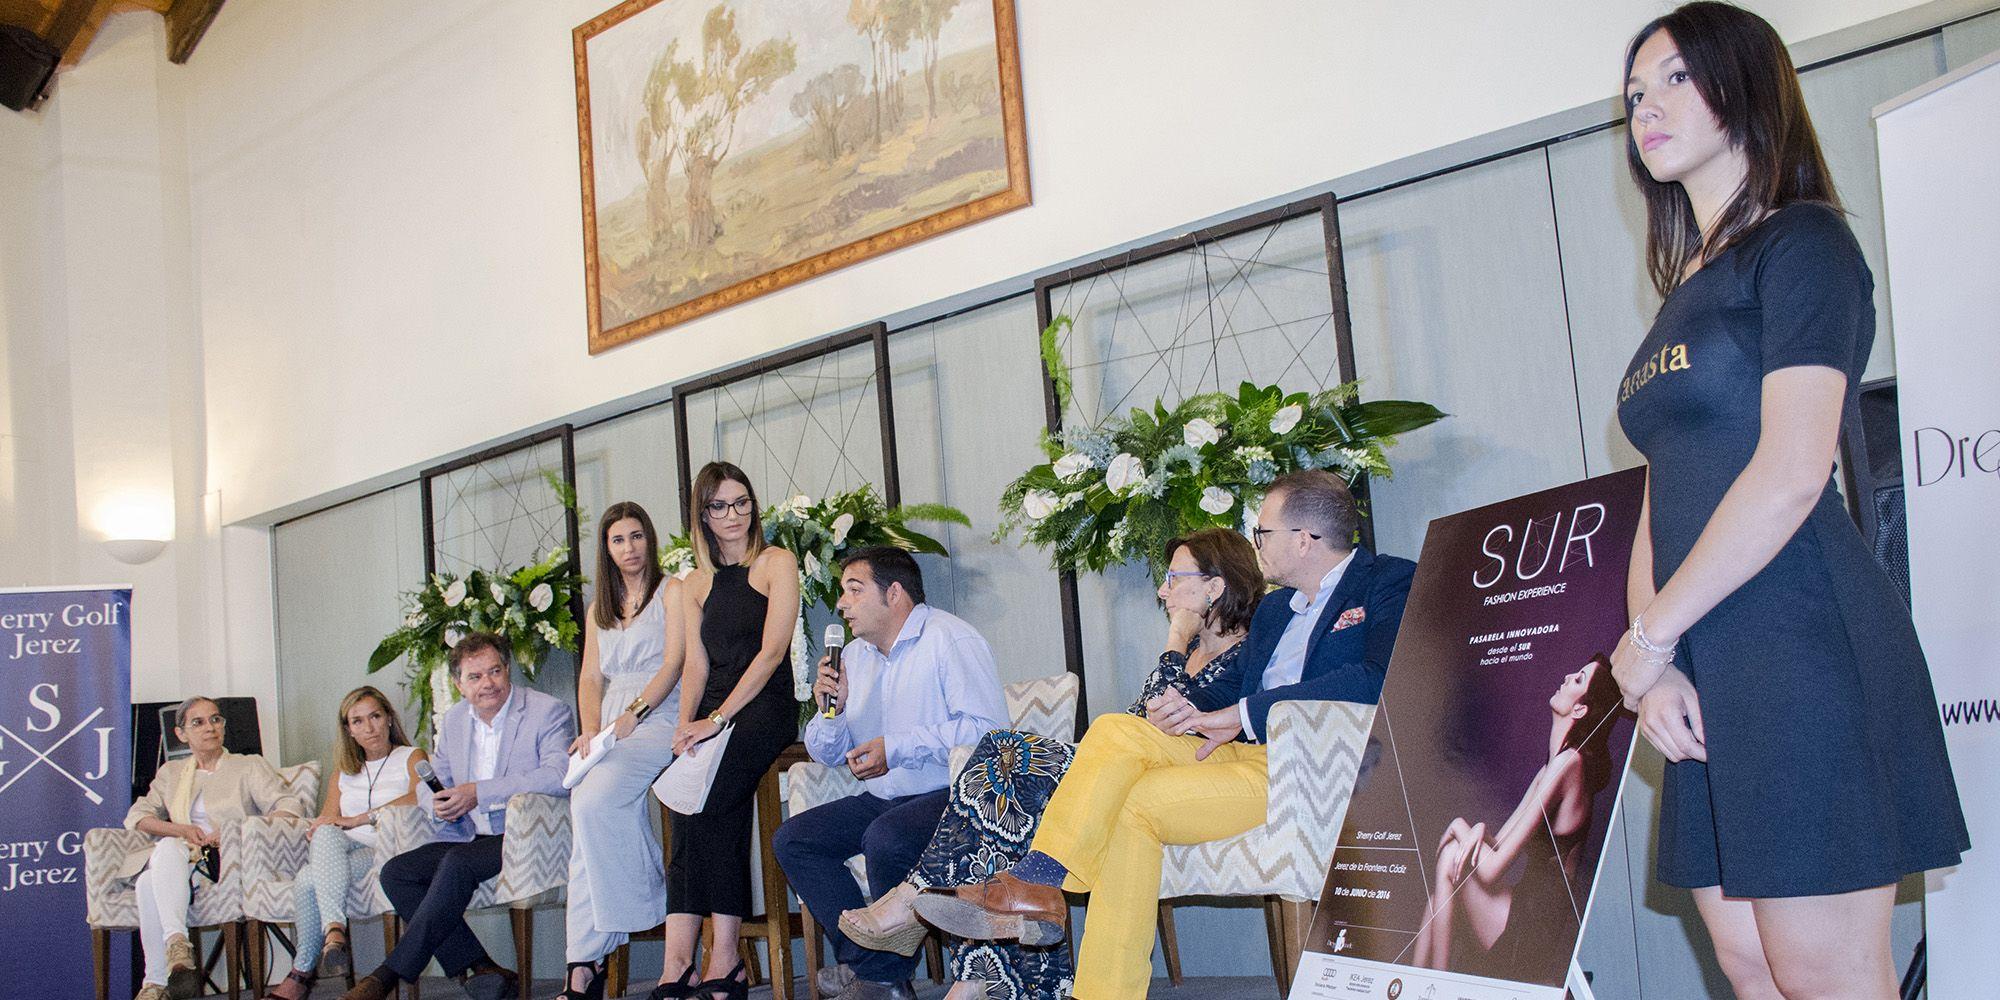 Charla-coloquio 'Sinergias entre moda, empresa y turismo' en la Sur Fashion Experience, 10 Junio 2016   Noelia Herrera, de Jonocla Fotografía, para MIRA Jerez